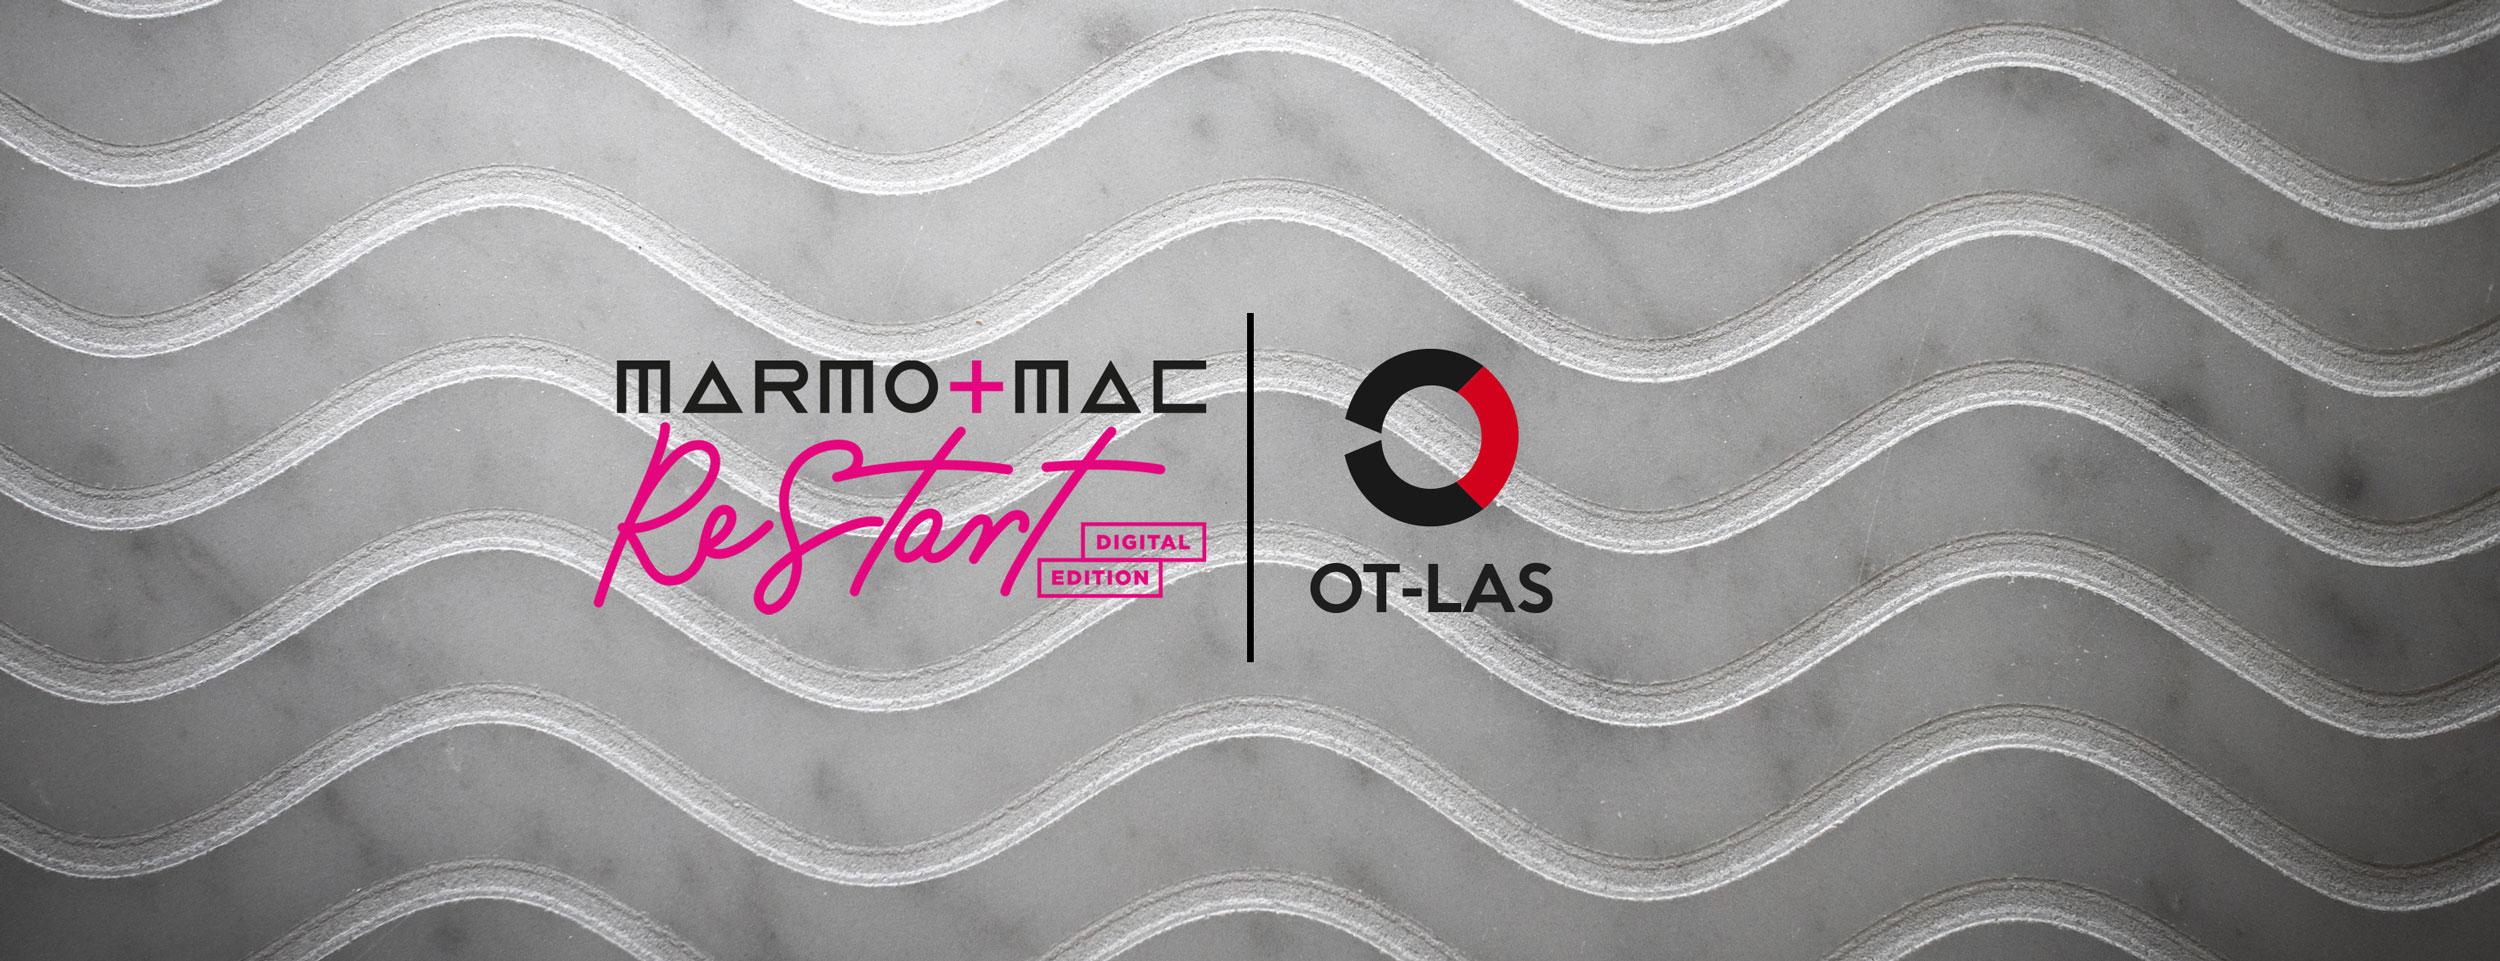 Dal 30 settembre al 2 ottobre Otlas partecipa a Marmomac 2020